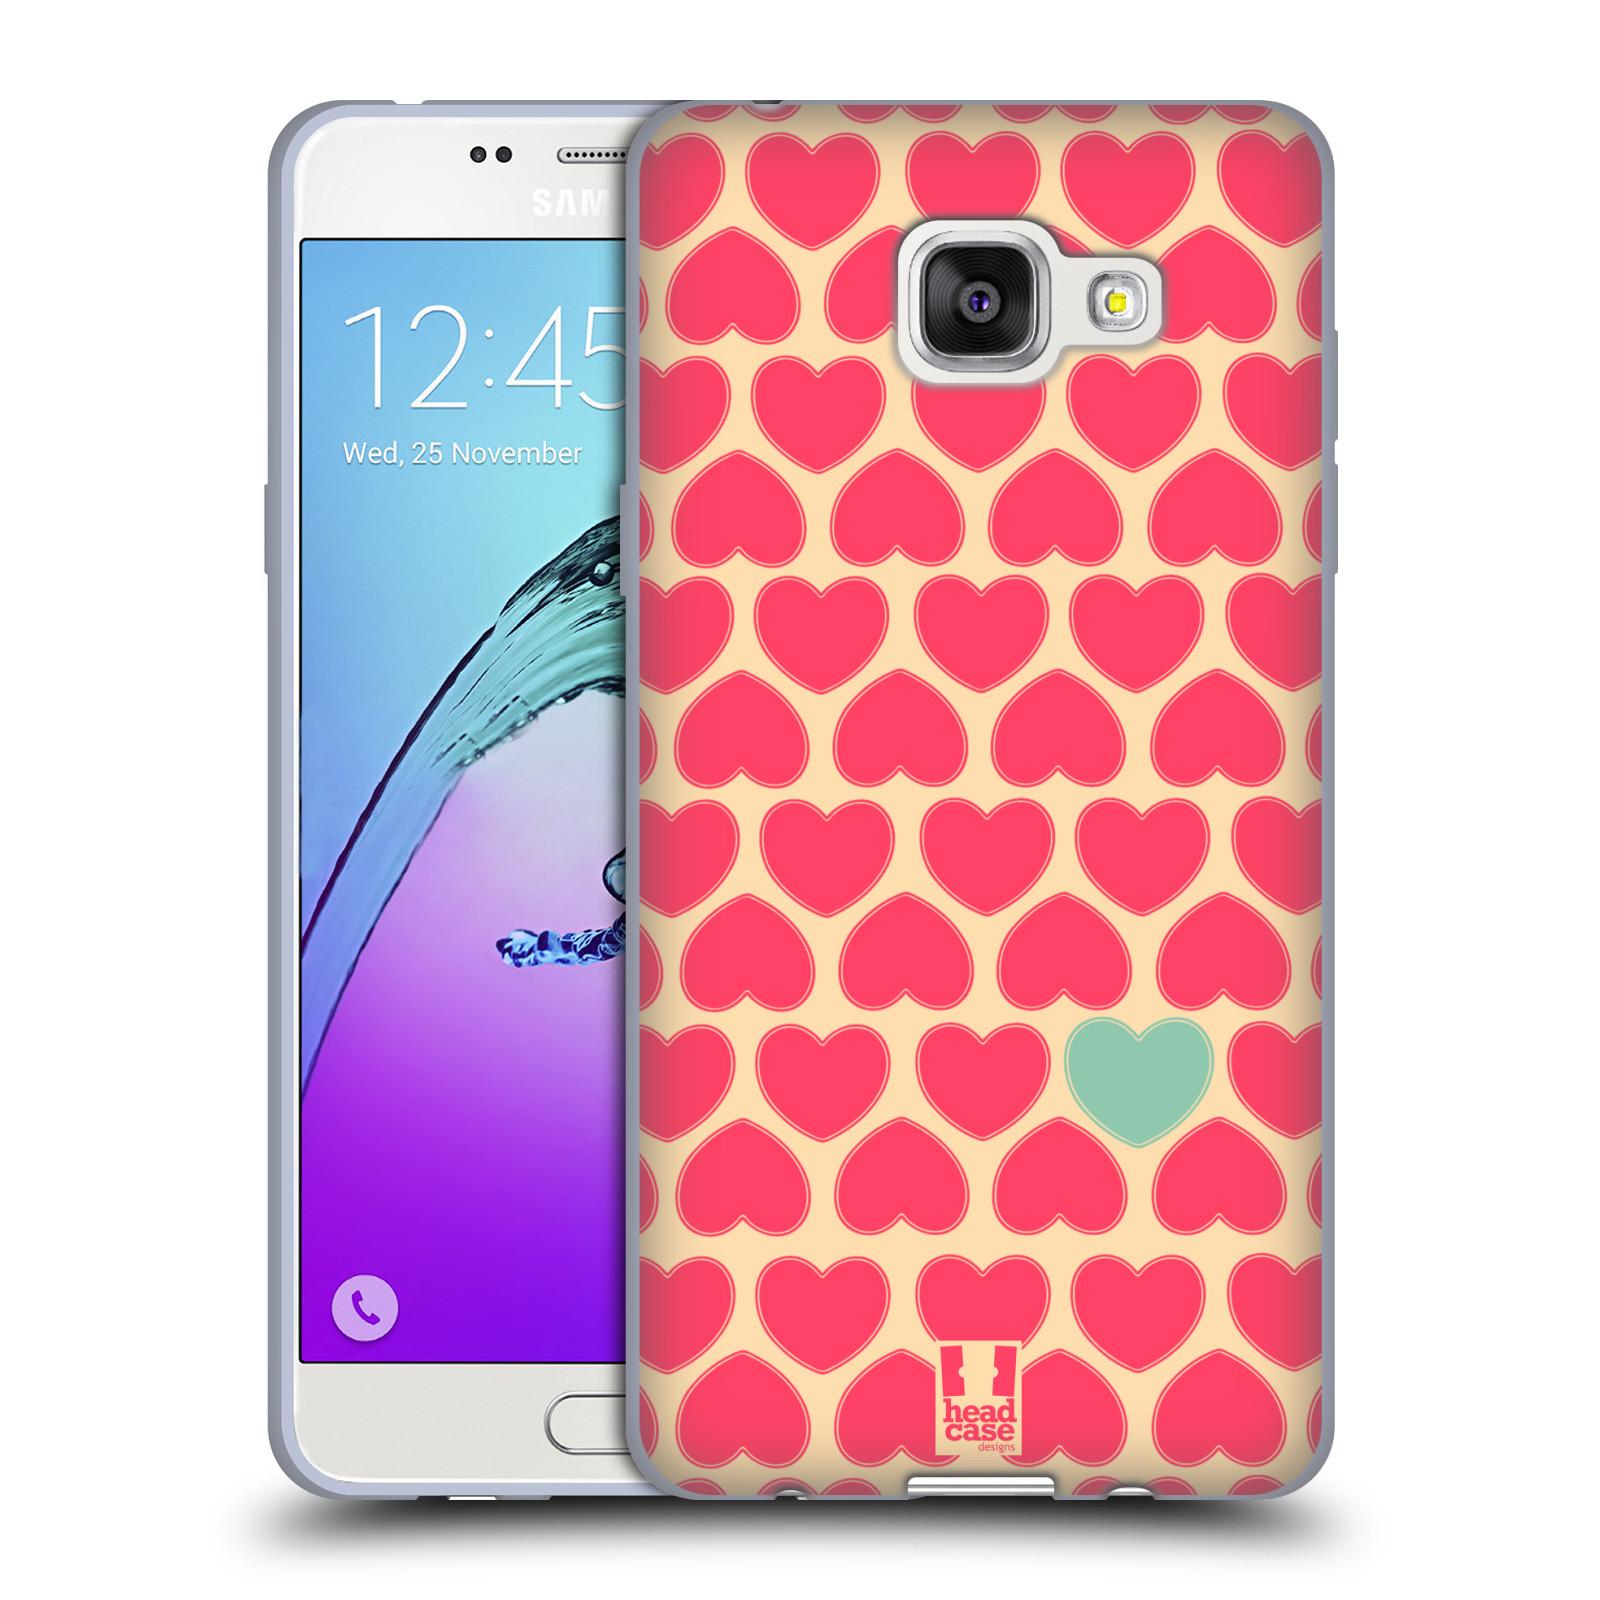 HEAD CASE silikonový obal na mobil Samsung Galaxy A5 (2016) vzor Srdíčka  RŮŽOVÁ A MODRÉ SRDCE 87987a85efd